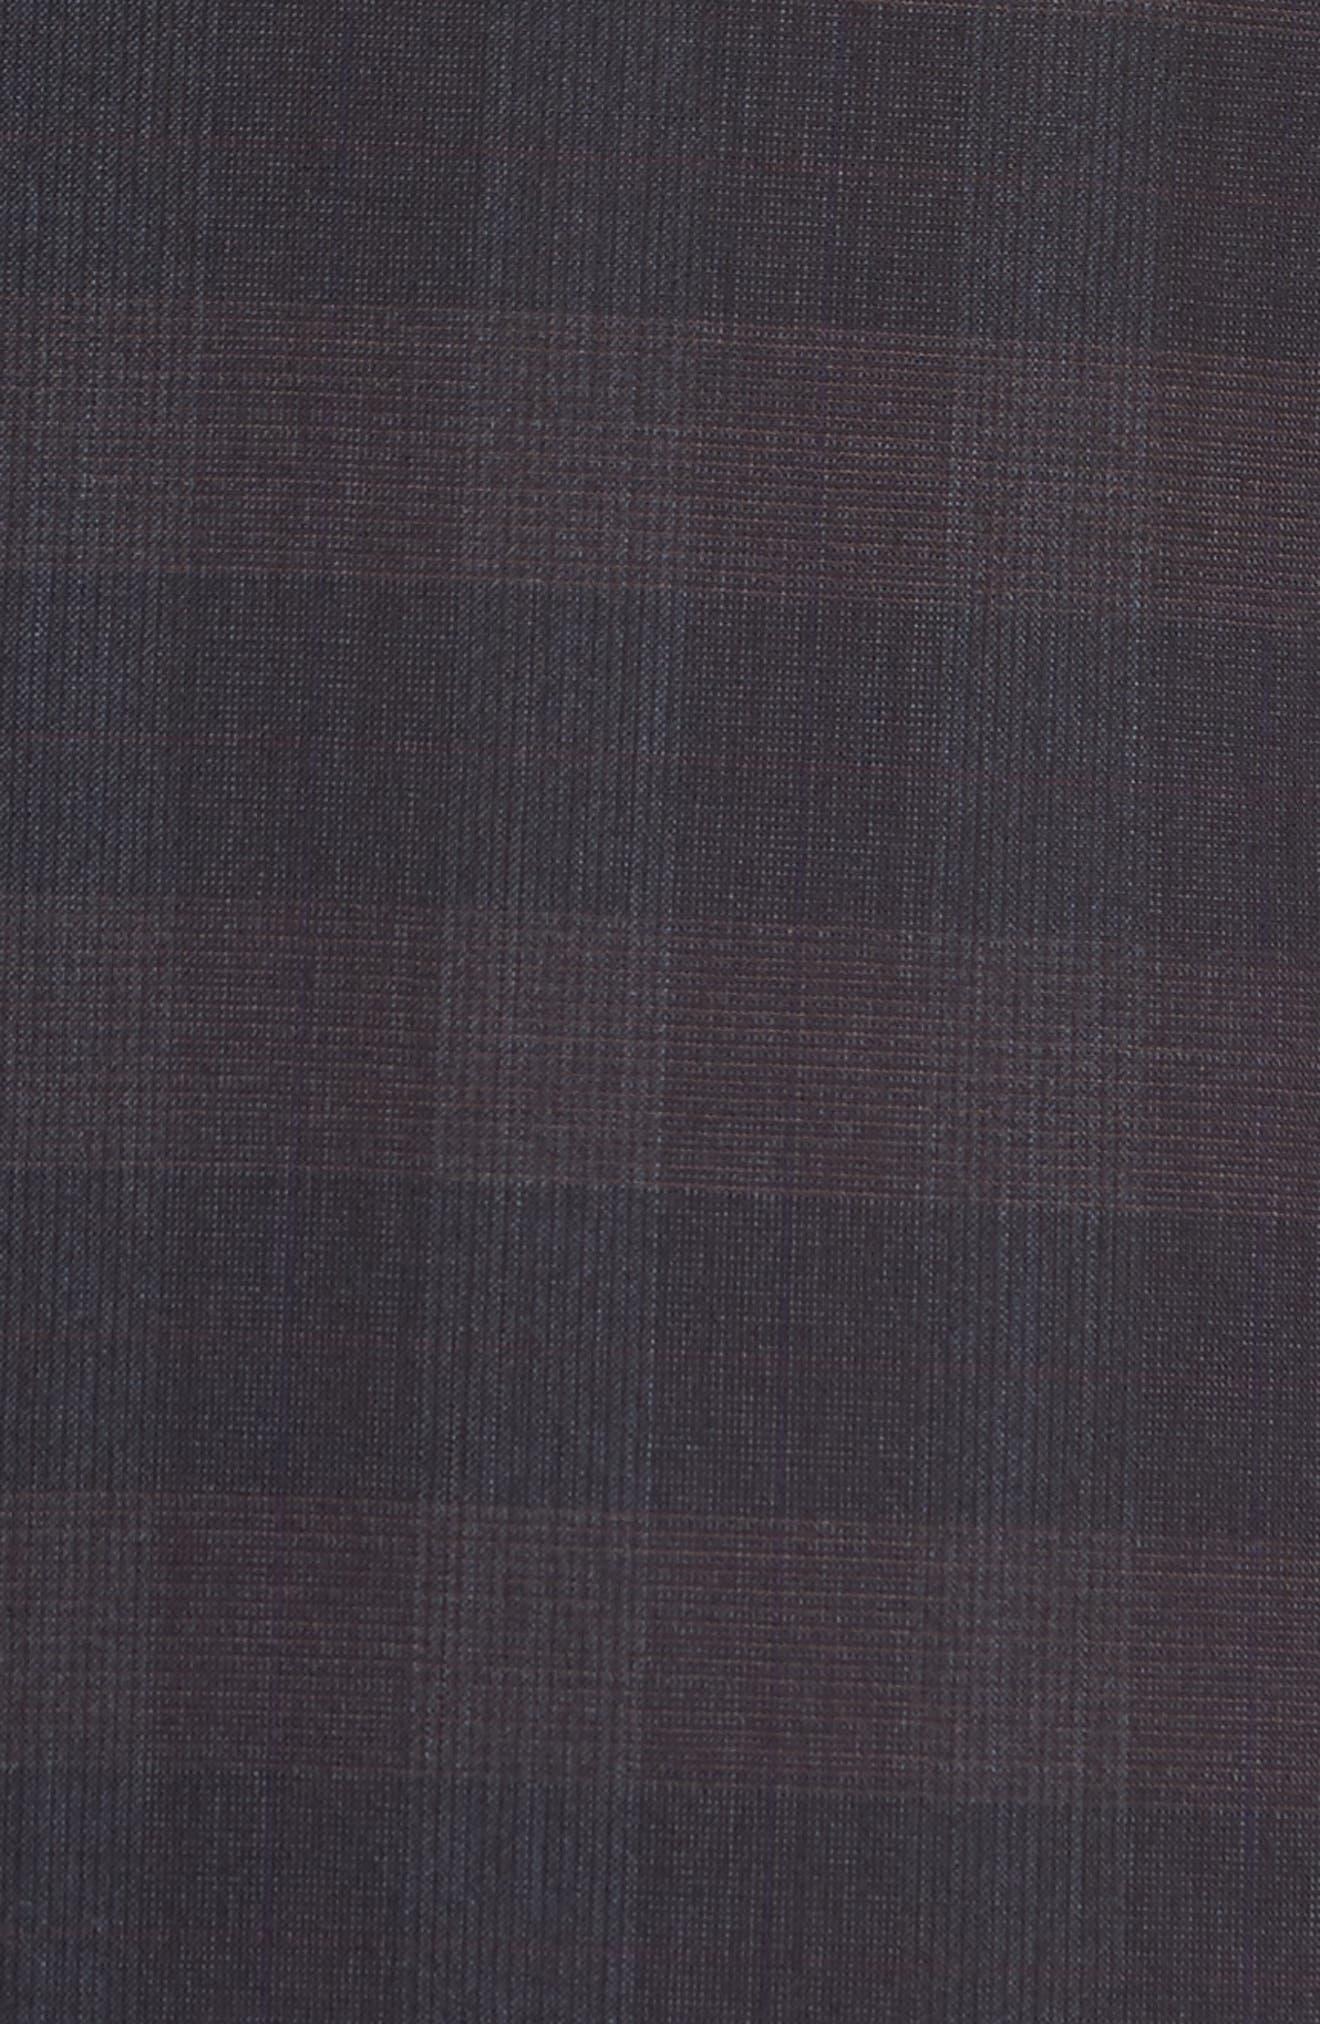 Jay Trim Fit Plaid Wool Suit,                             Alternate thumbnail 7, color,                             001